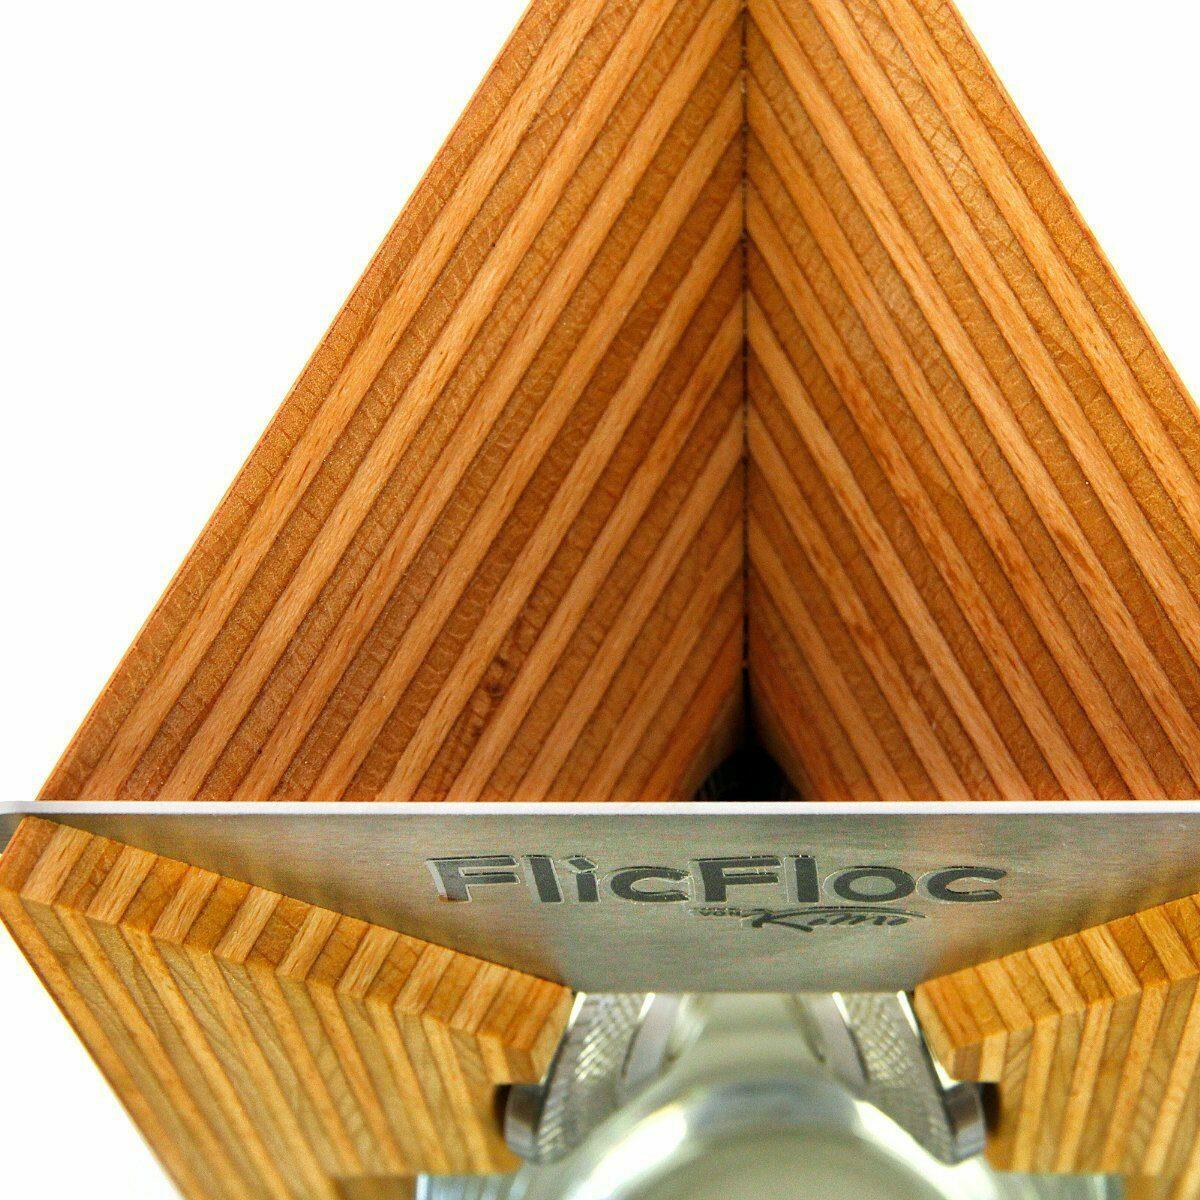 Flocker FlicFloc